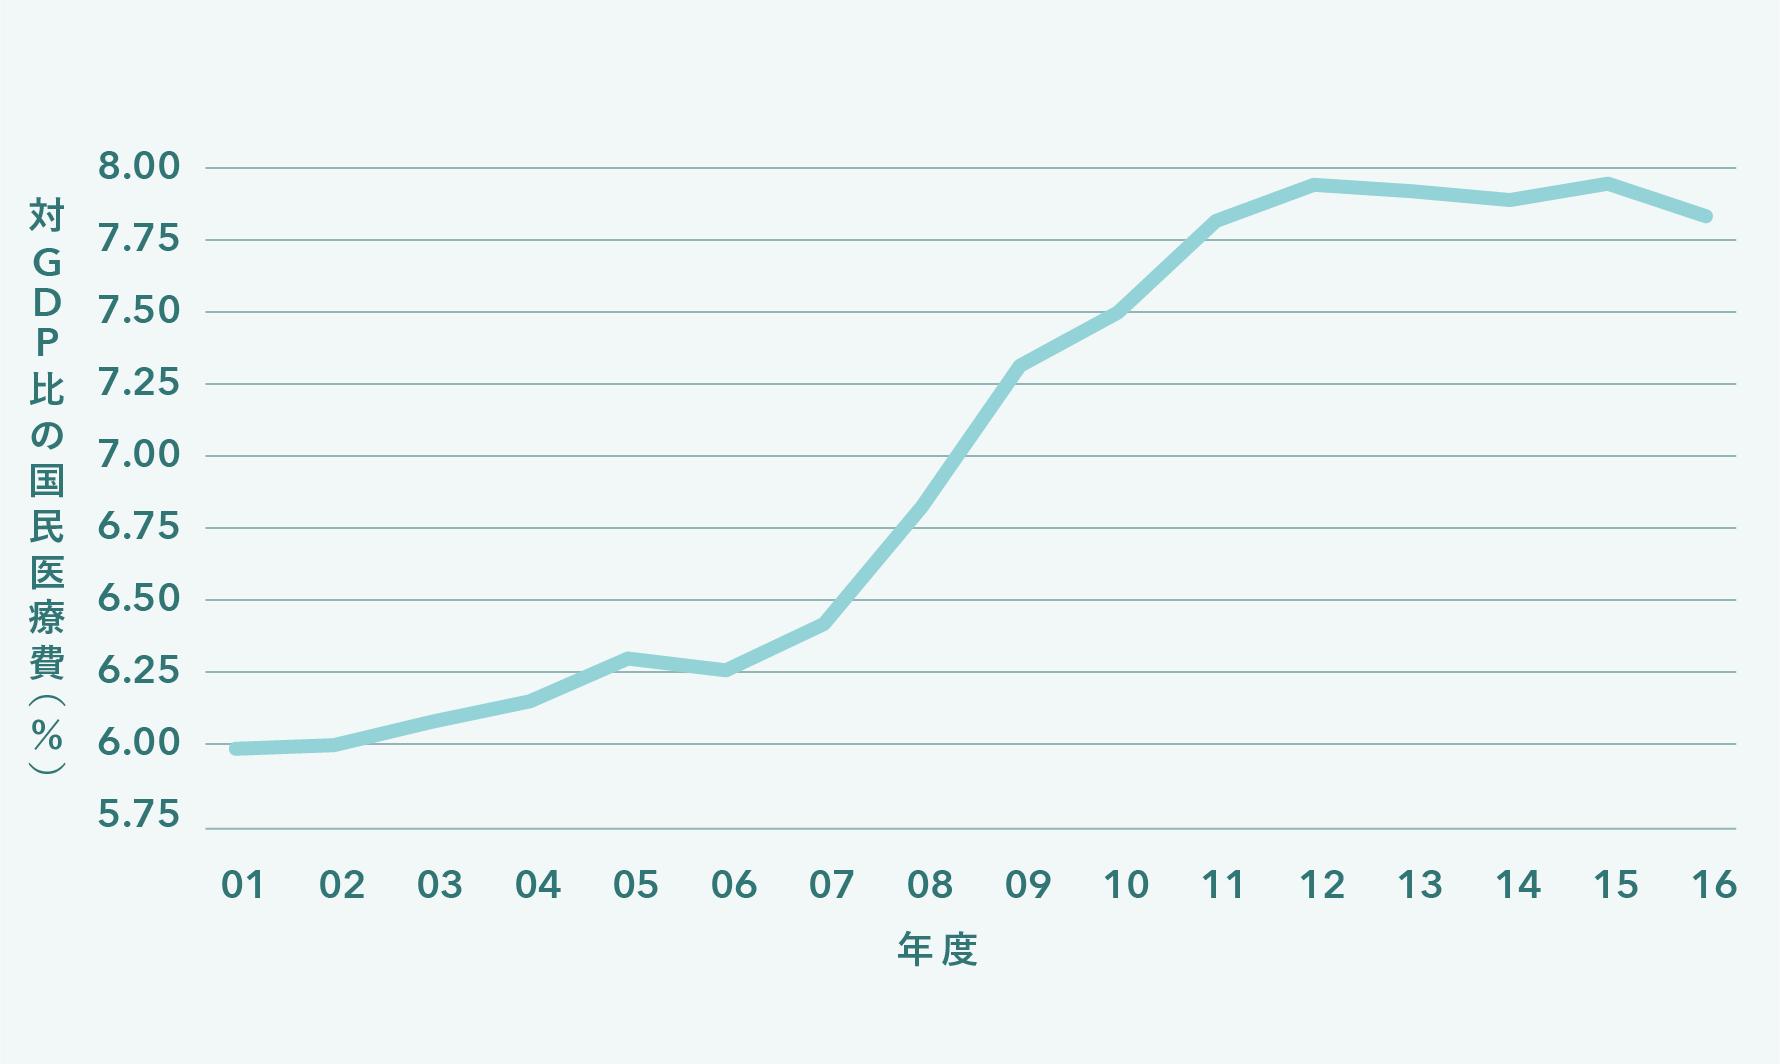 対GDPあたりの国民医療費を示すグラフ